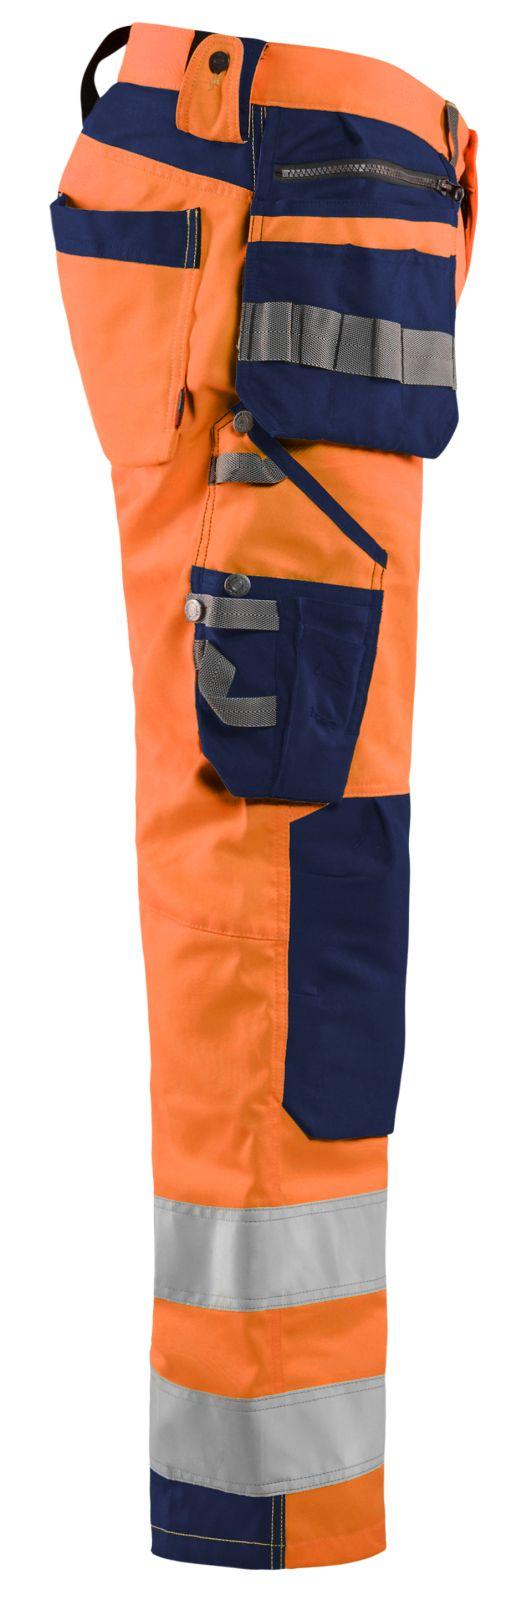 Blaklader Broeken 15921818 fluo oranje-marineblauw(5389)